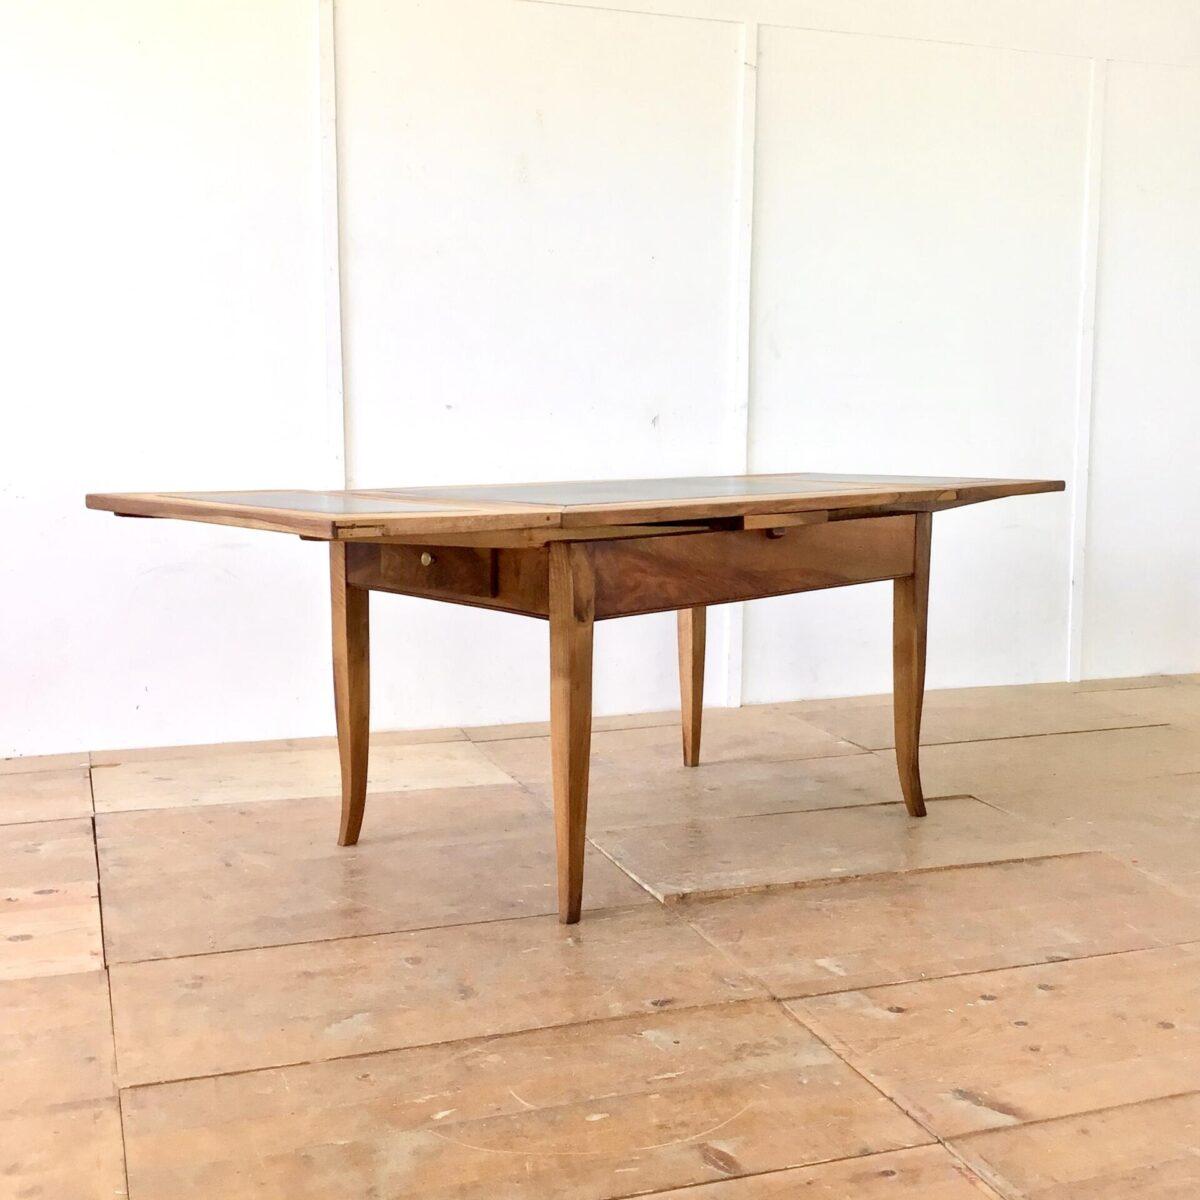 Antiker Nussbaum Schiefertisch ausziehbar. 122 x 82 Höhe 76.5cm. Ausgezogen 216 x 82cm. Warme Dunkelbraune Ausstrahlung. Die Kombination von altem Nussbaumholz, mit dem satten schwarzen Schiefer gefällt mir immer wieder. Die grosse Steinplatte hat, wie die meisten Schiefertafeln, einen Riss. Ist jedoch stabil und alltagstauglich. An der einen Stirnseite hat es ein Besteckschublade. Der Tisch ist geölt, was ihn optisch und haptisch sehr angenehm macht.